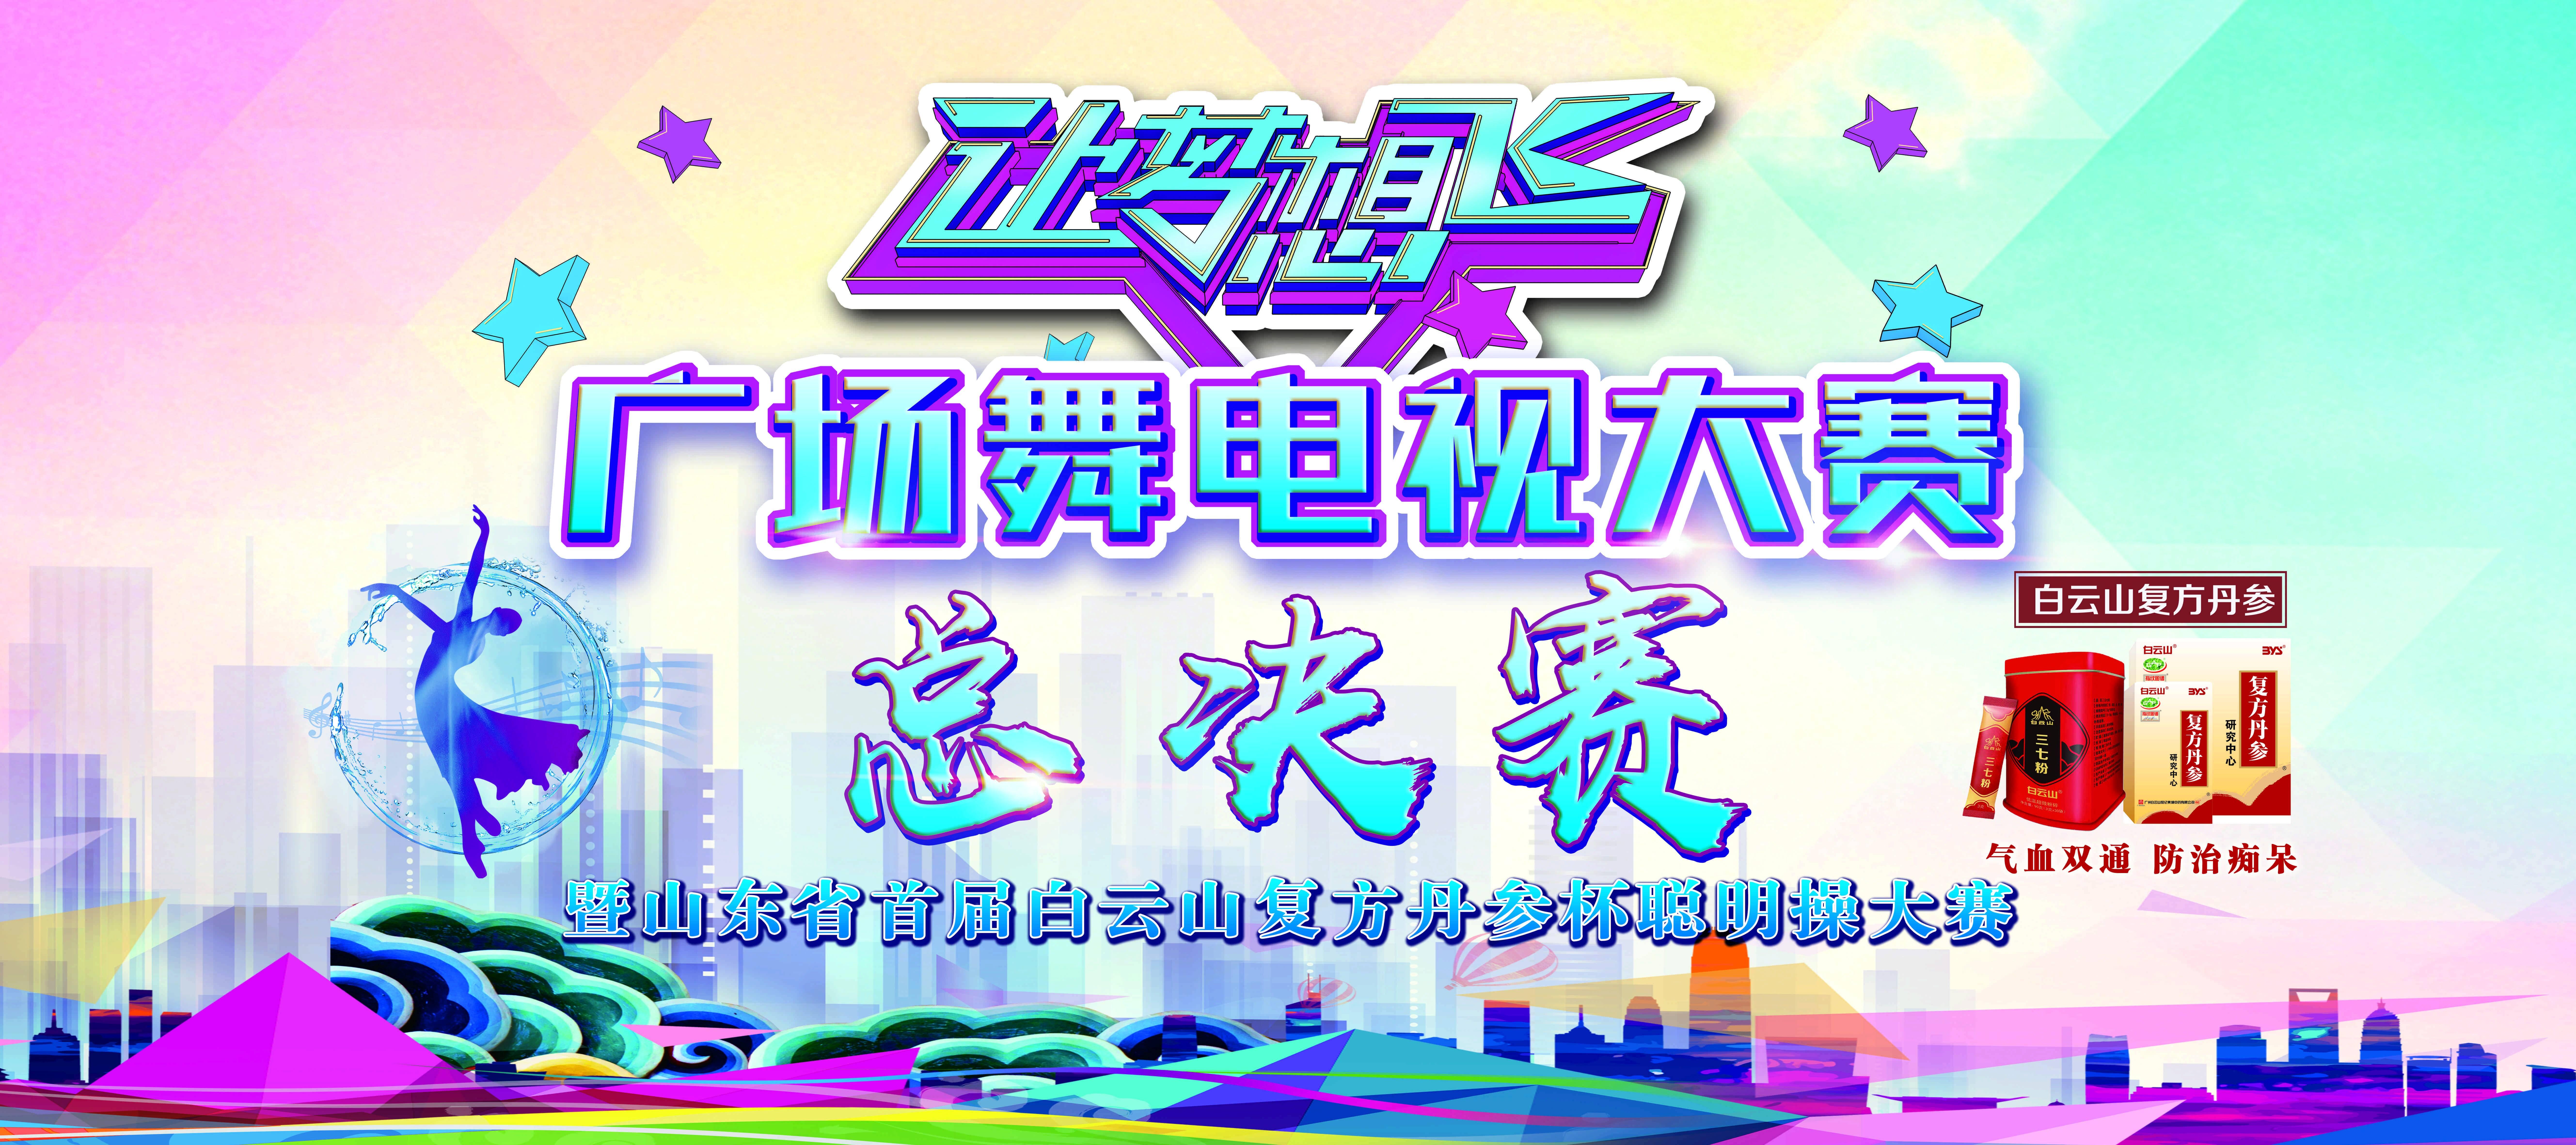 2020《让梦想飞》广场舞电视大赛总决赛正在进行中!